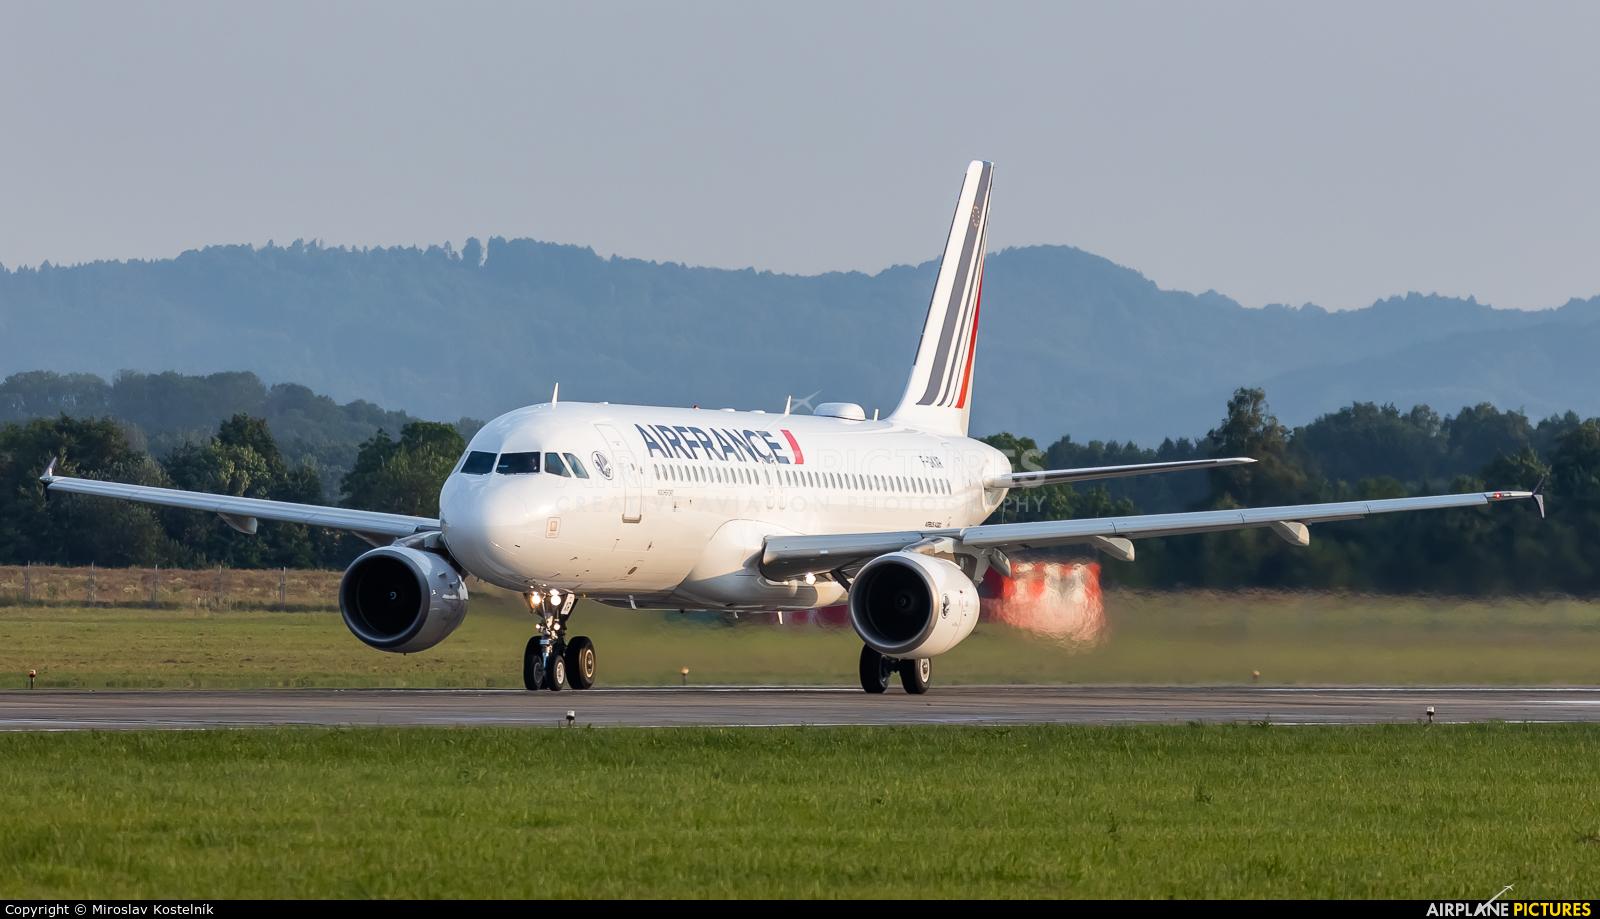 Air France F-GKXR aircraft at Ostrava Mošnov